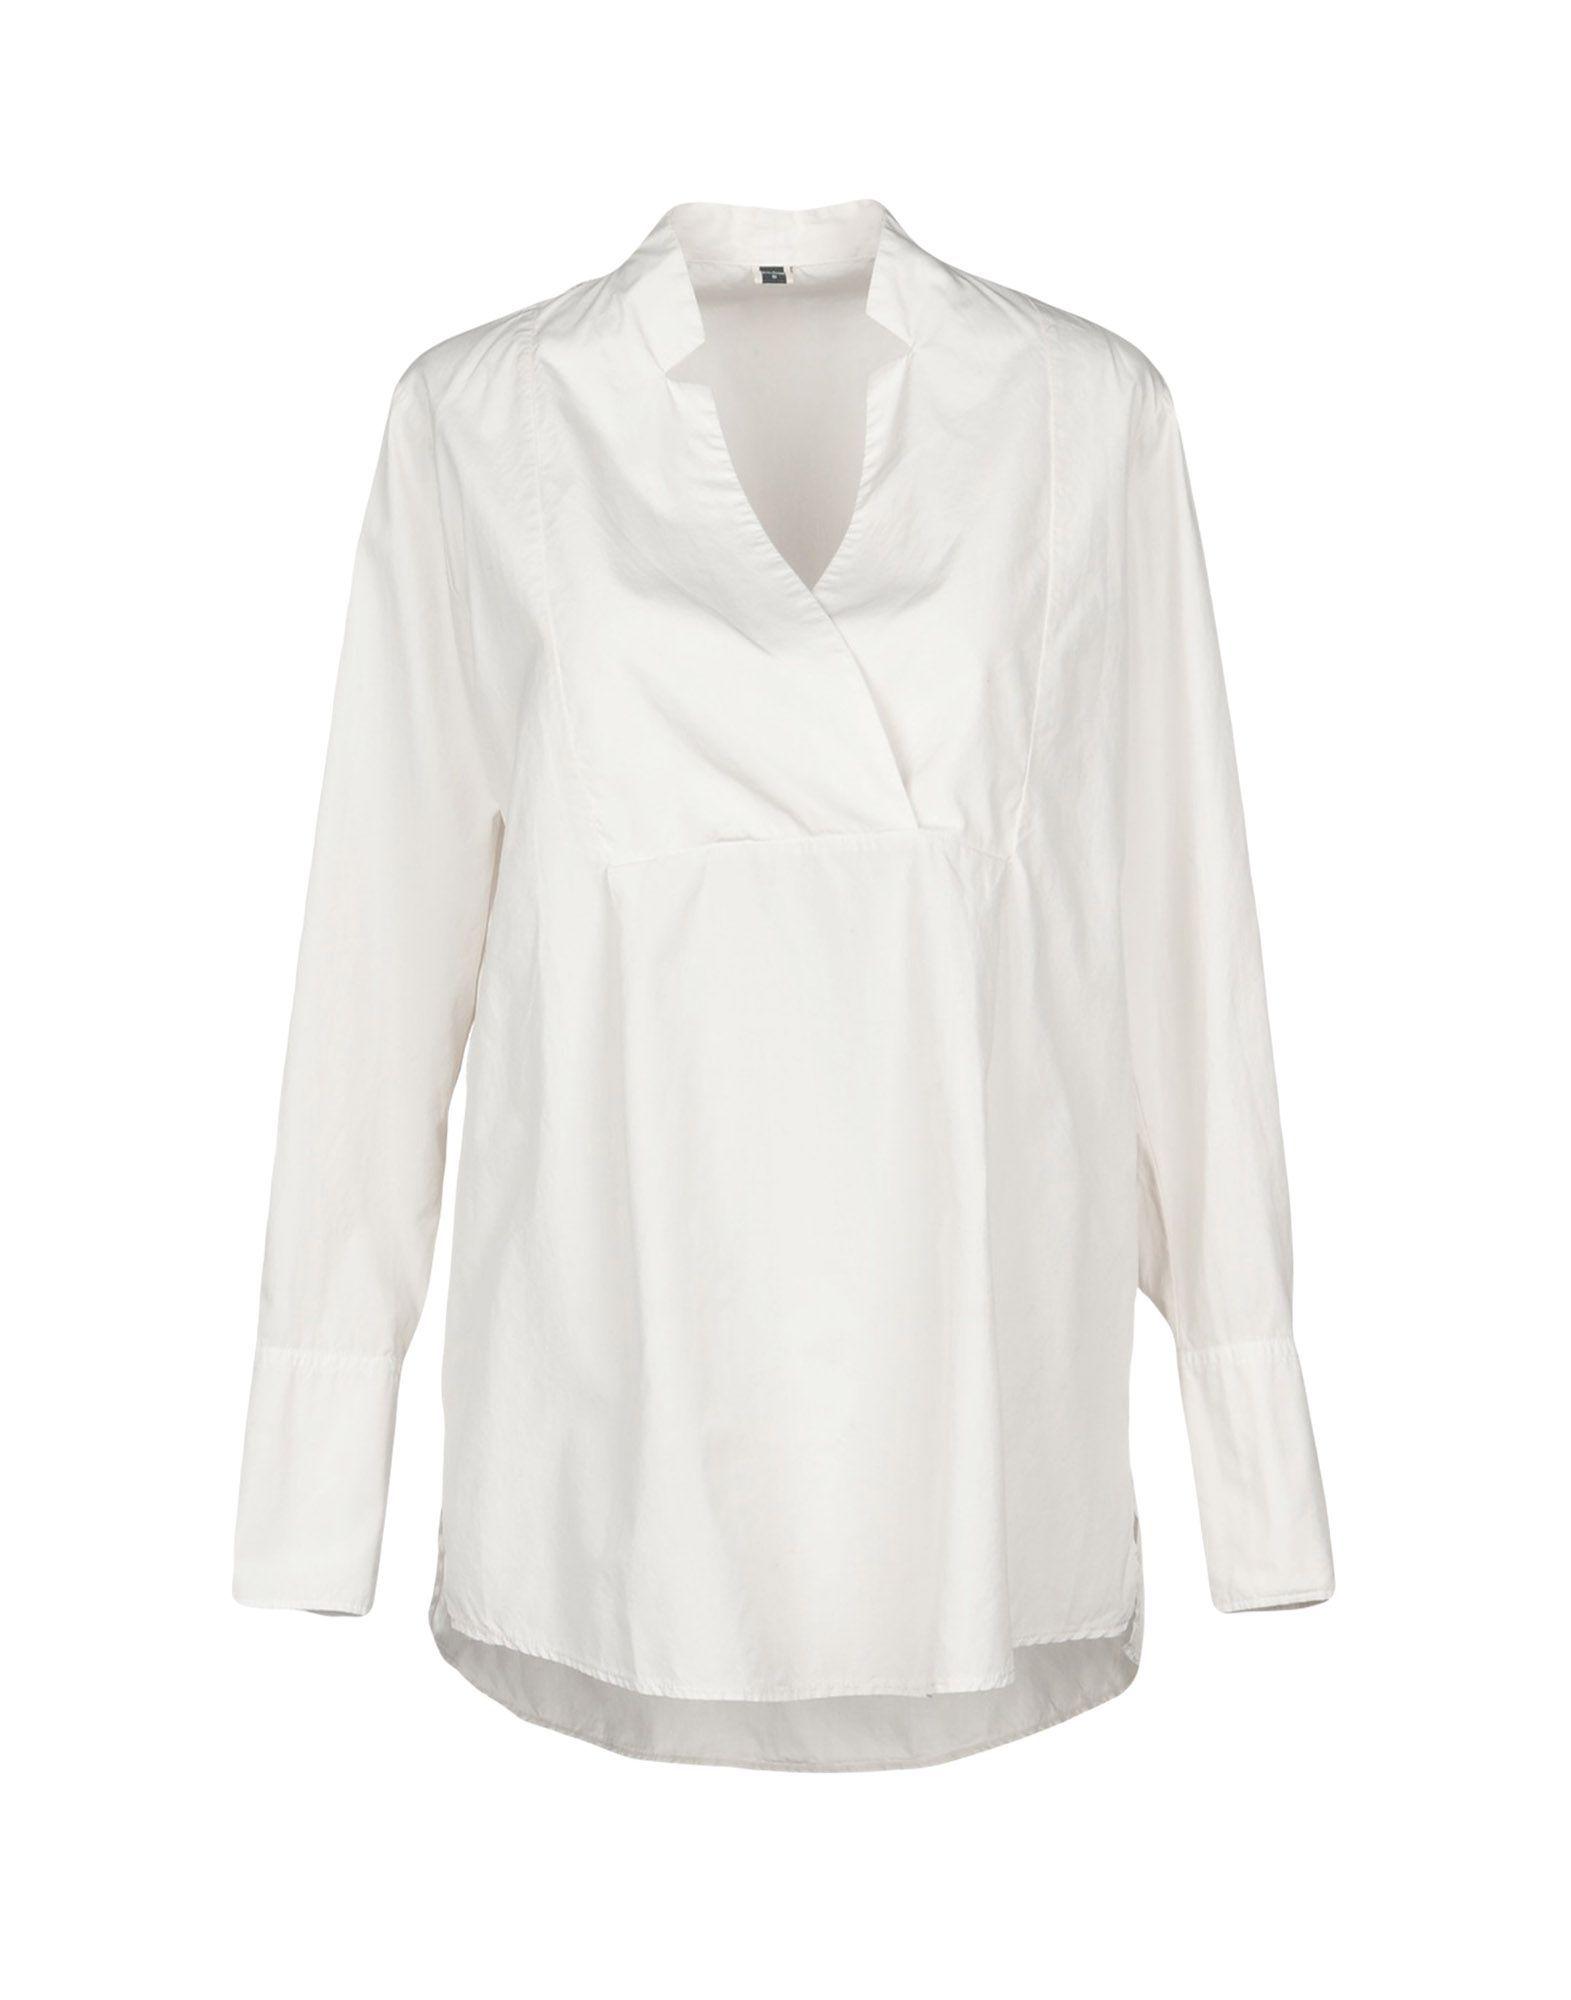 European Culture Light Grey Cotton Shirt